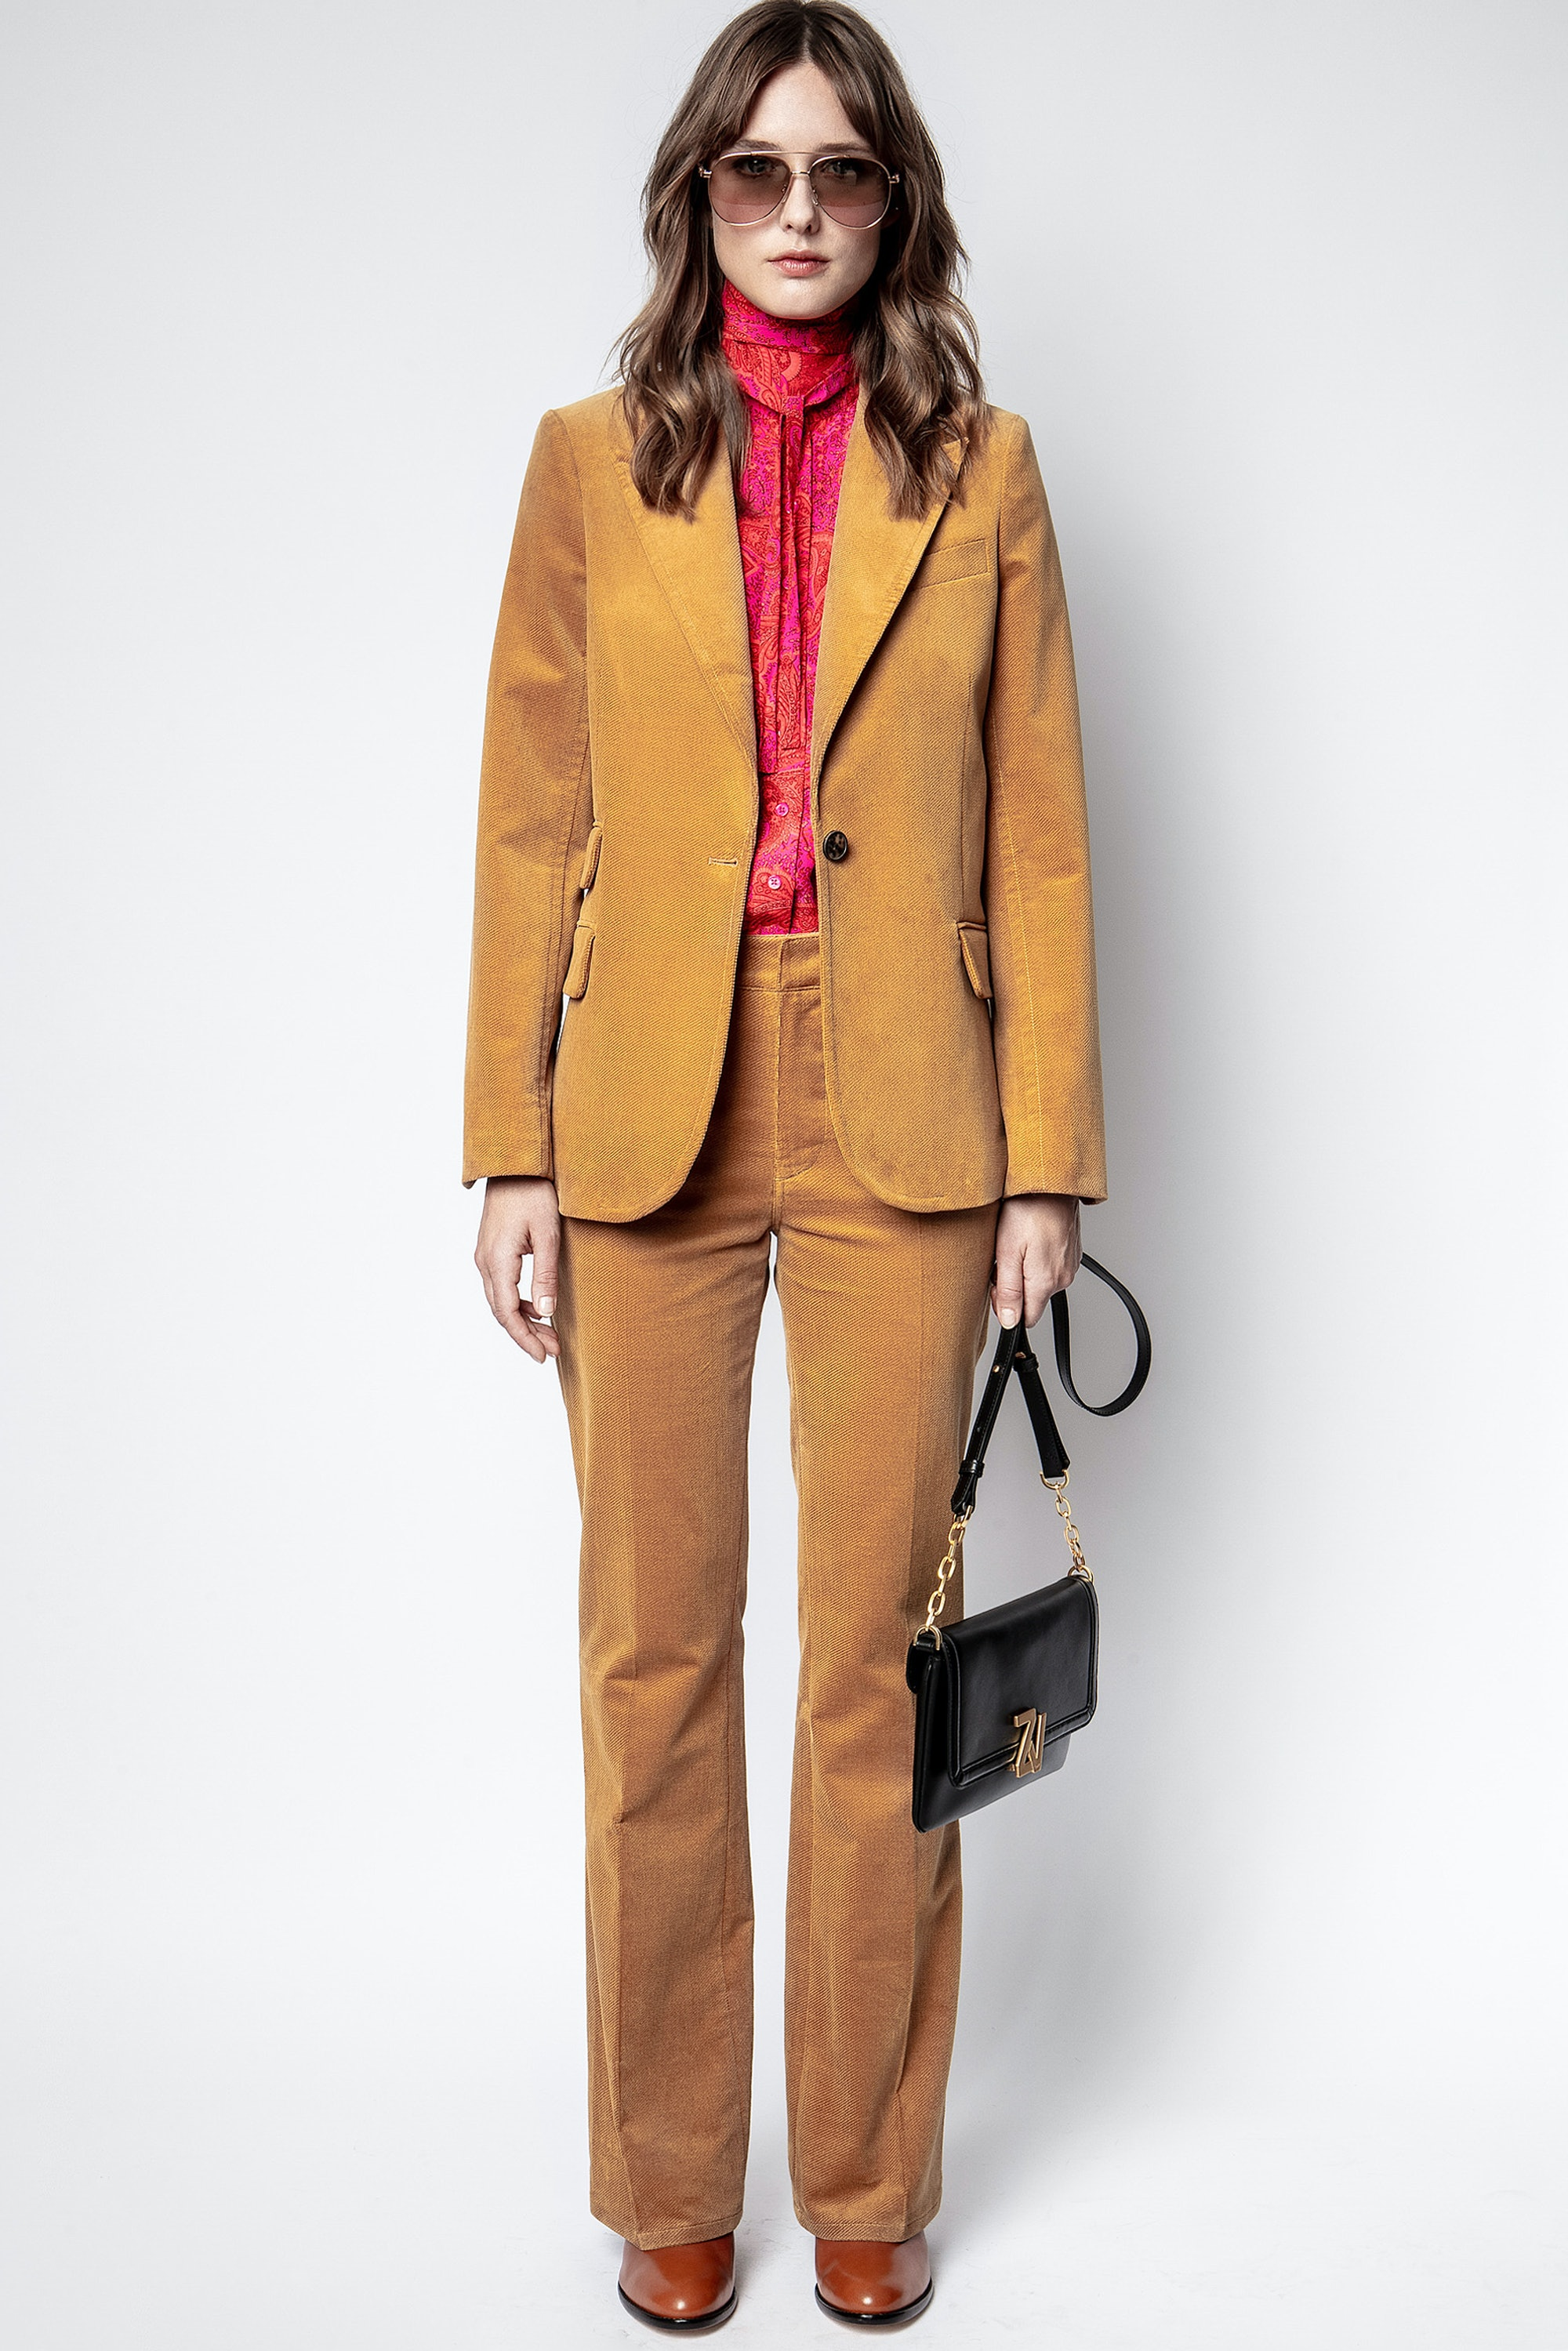 Venus Velvet Used Jacket